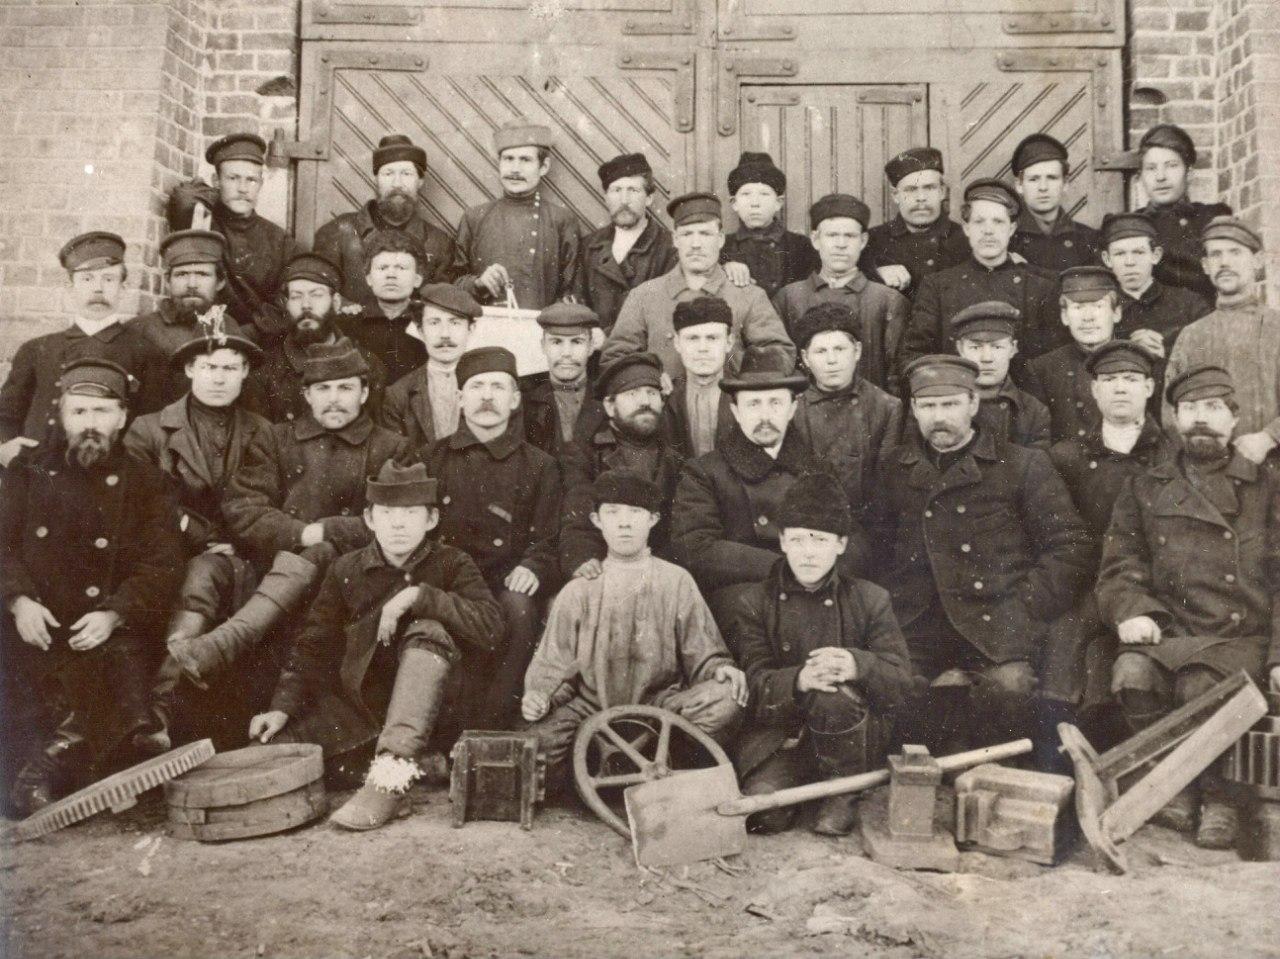 Рабочие и служащие главных железнодорожных мастерских 1906